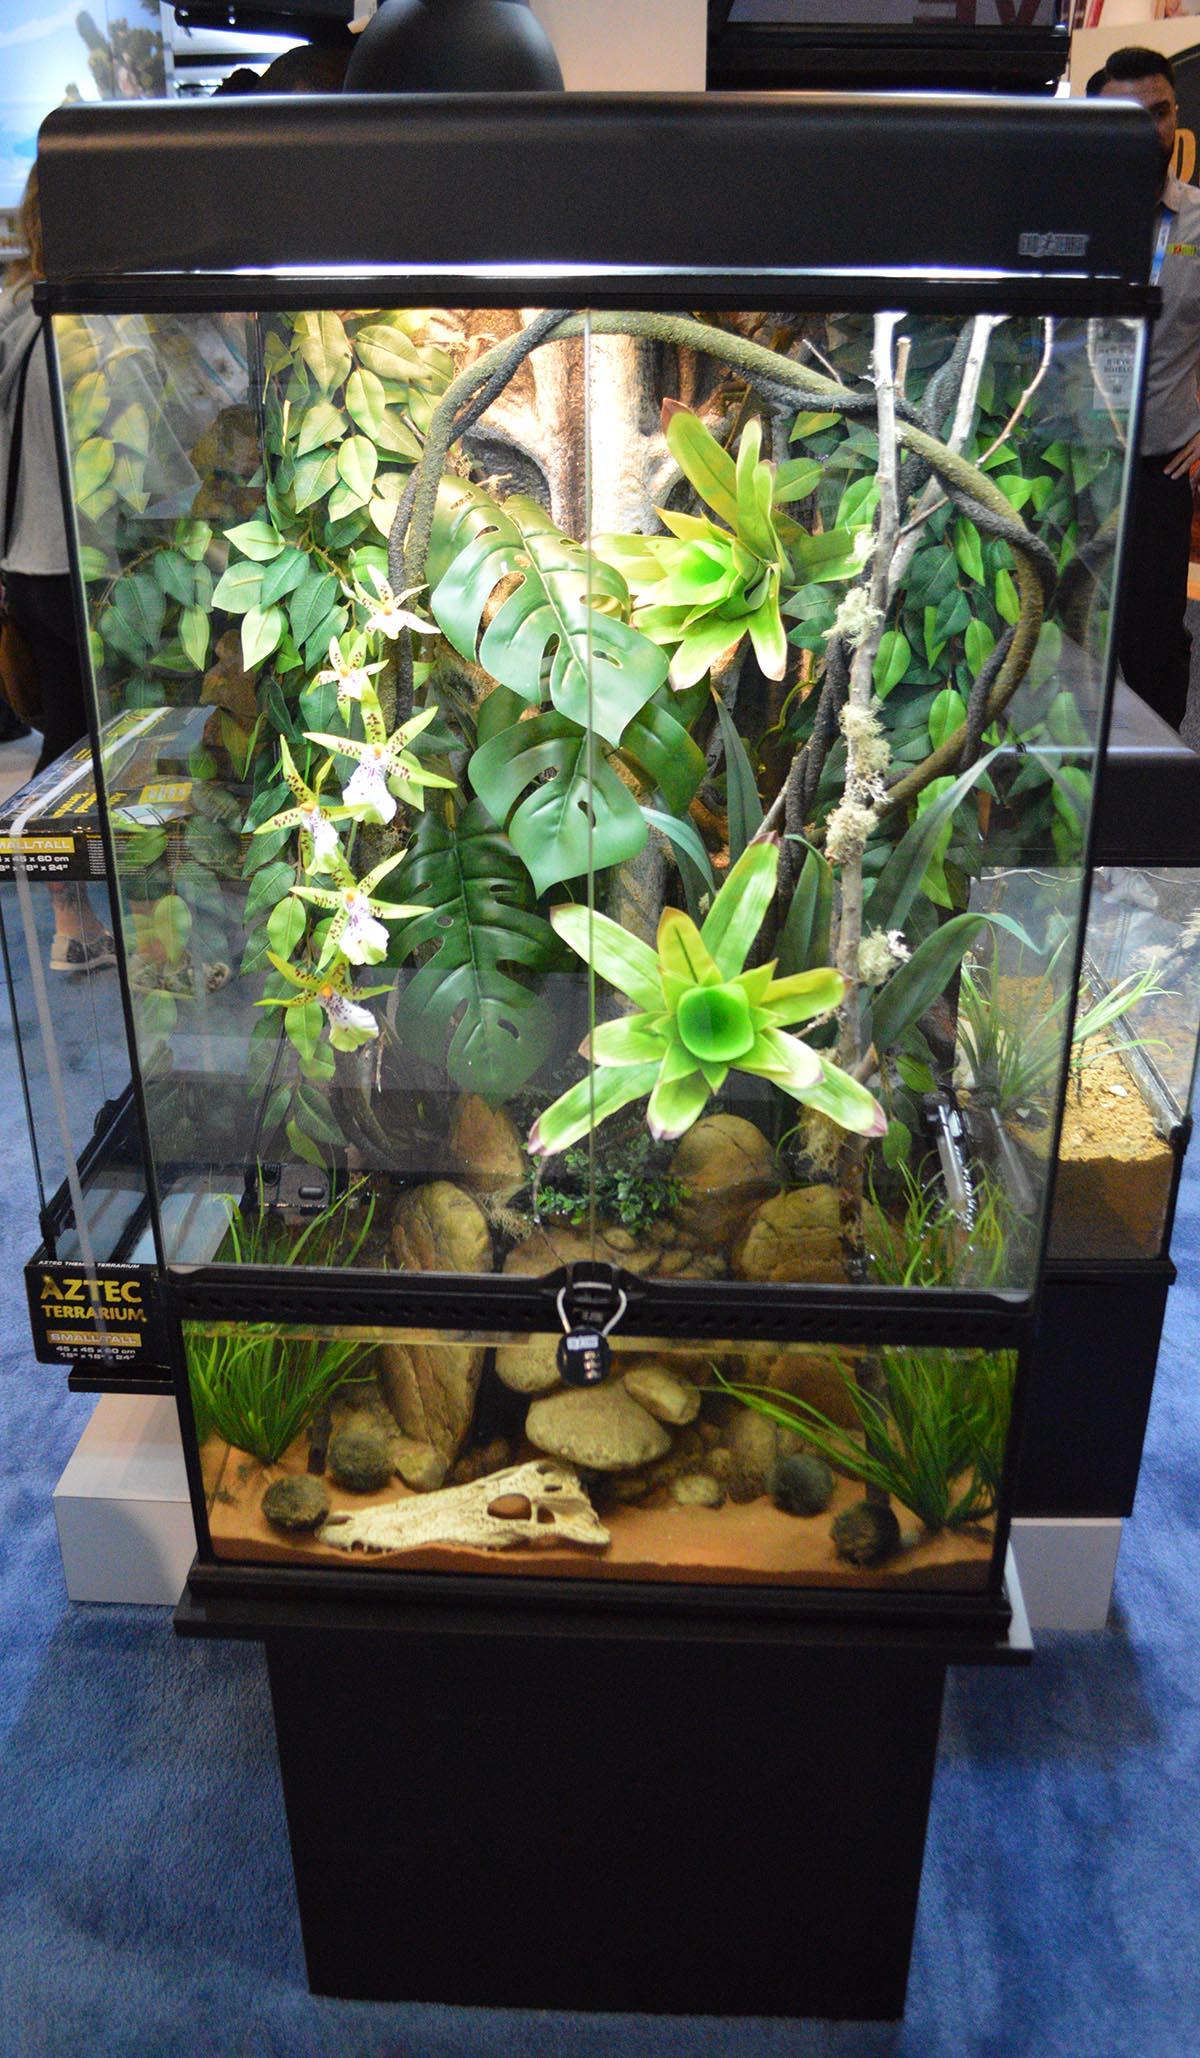 Exo Terra's Advanced Paludarium & Rainforest Terrarium.